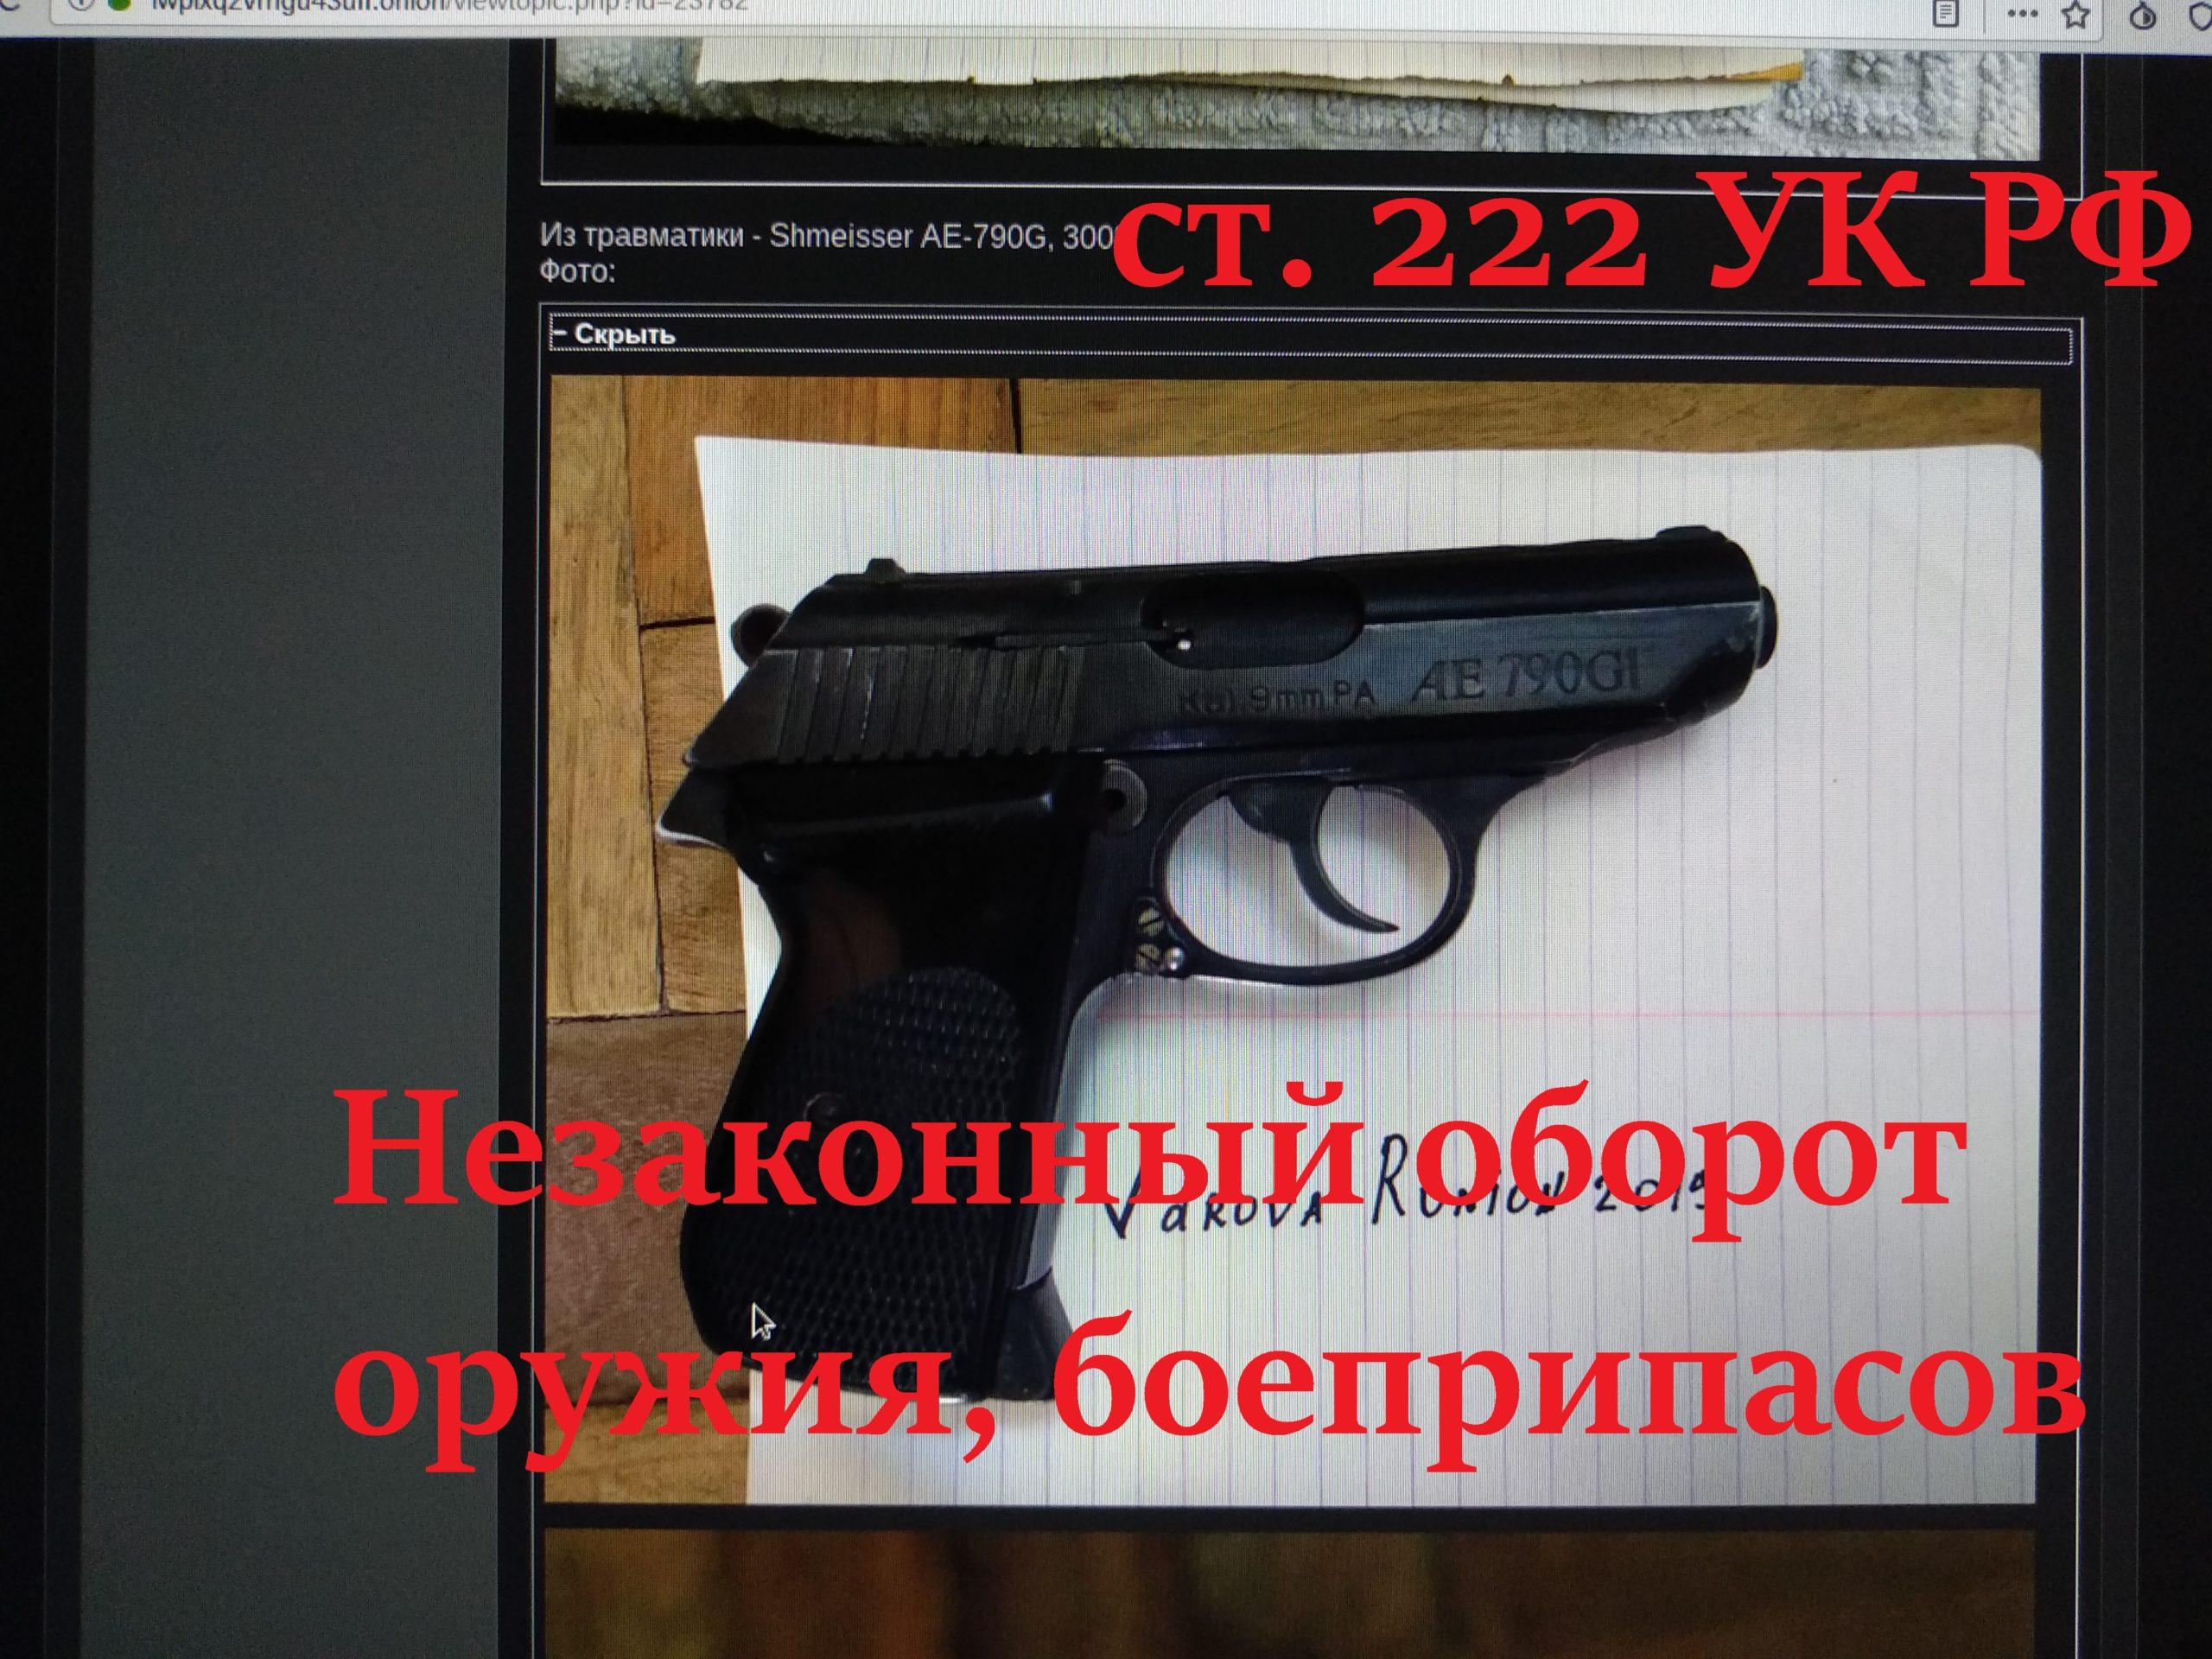 Адвокат по ст. 222 УК РФ Незаконный оборот оружия, боеприпасов